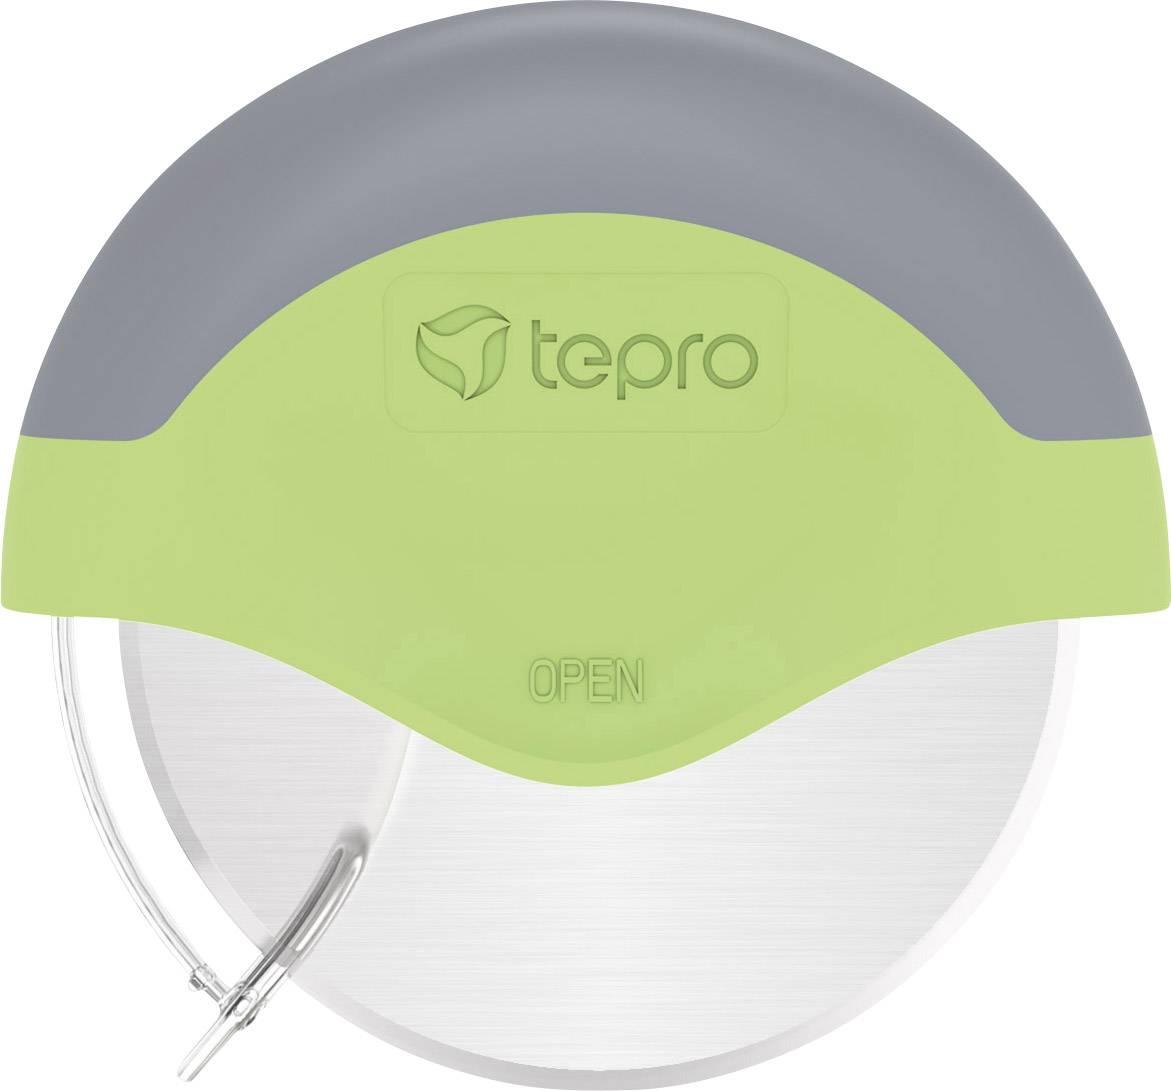 Tepro Garten 8373 8373, zelená, nerezová ocel